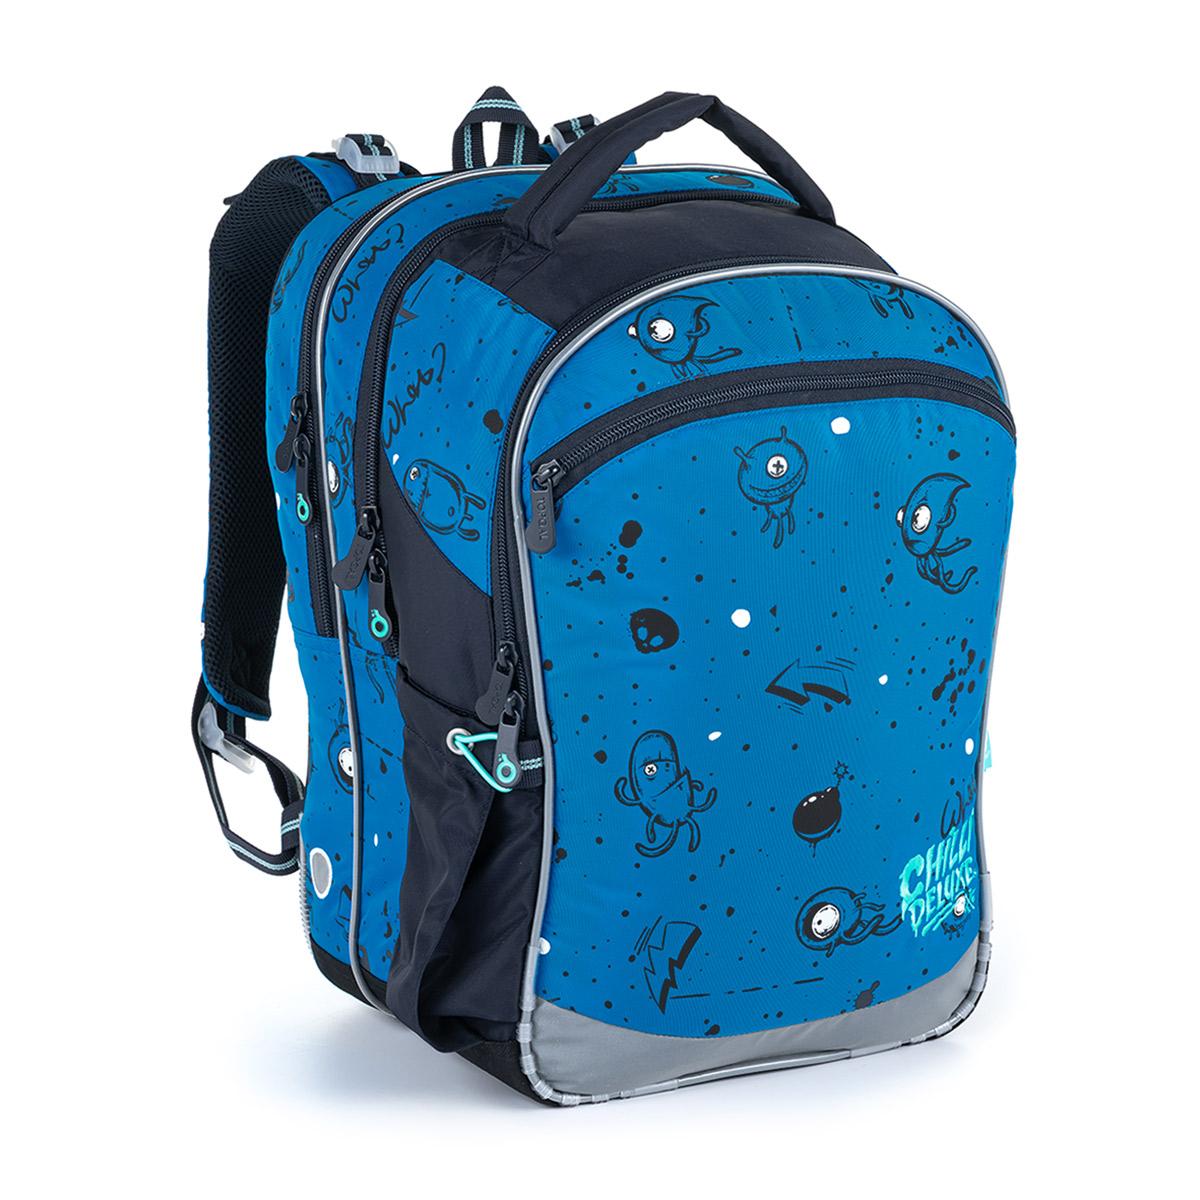 Modrá trojkomorá taška s príšerkami pre prvý stupeň ZŠ Topgal COCO 21017 B